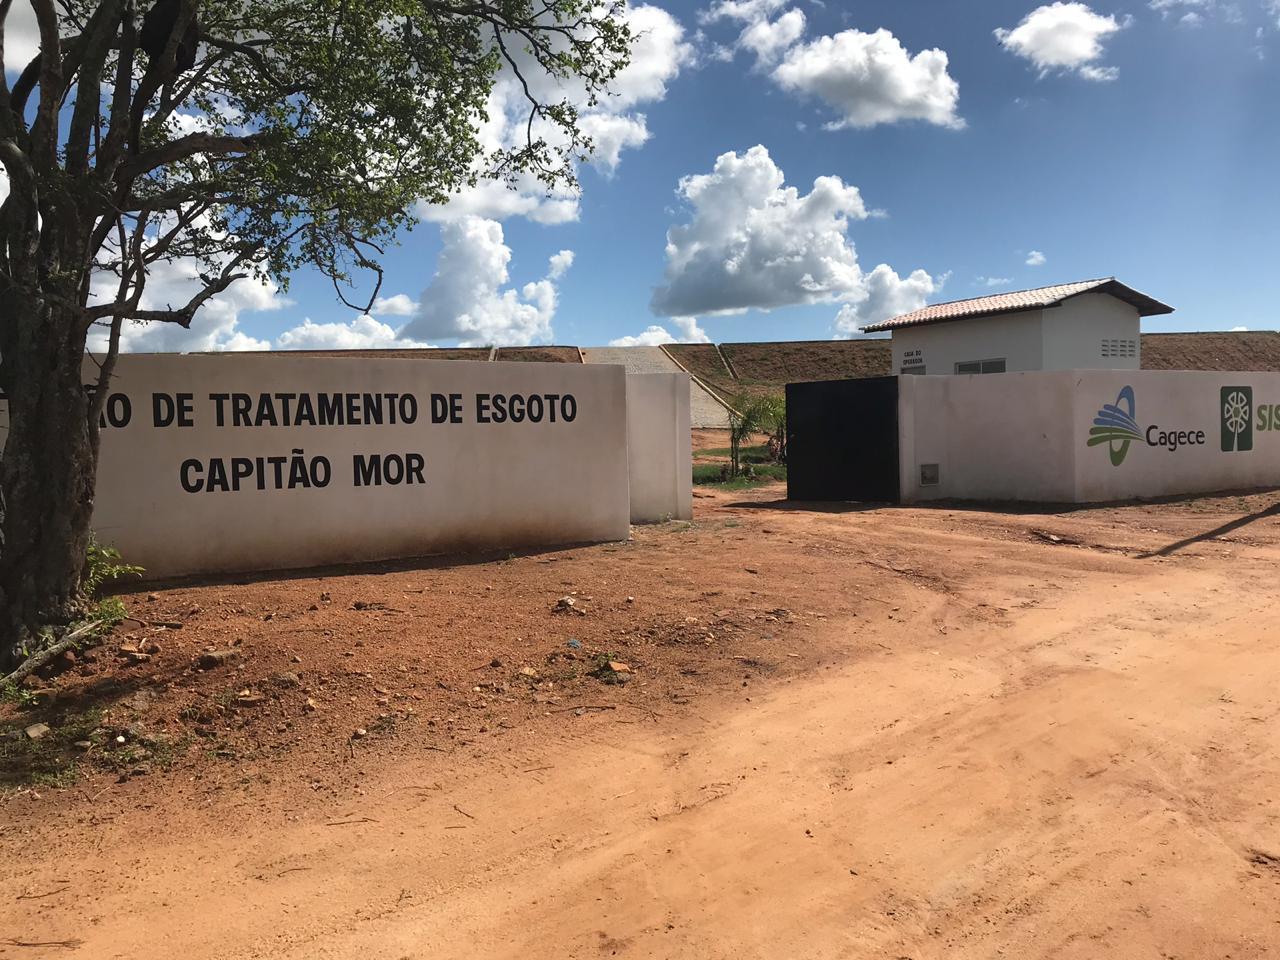 Estação de Tratamento Esgoto (ETE) de Capitão-Mor, Pedra Branca-CE (Sisar de Quixadá)